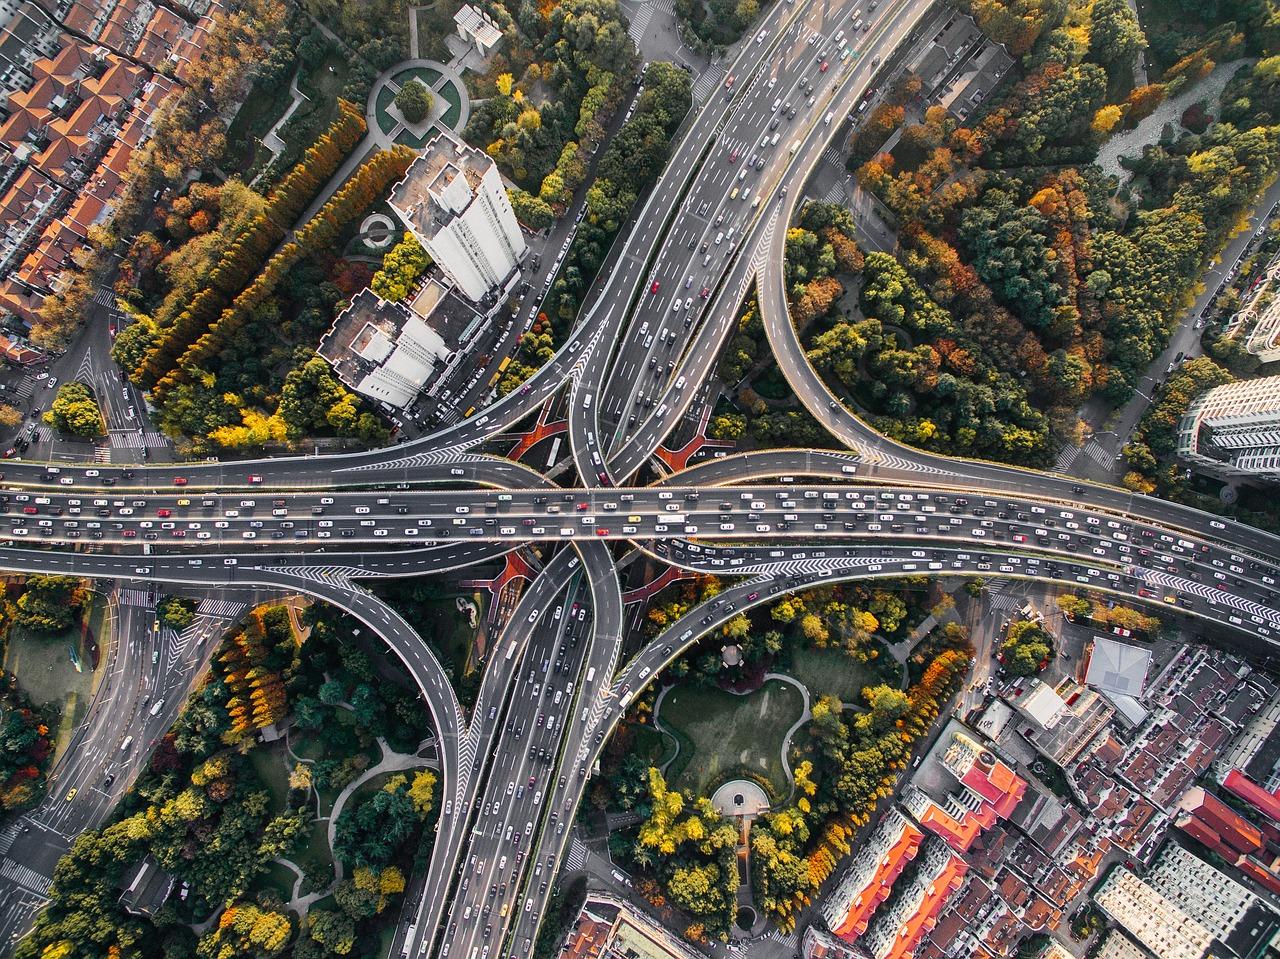 Правила дорожного движения в Польше. Основные штрафы